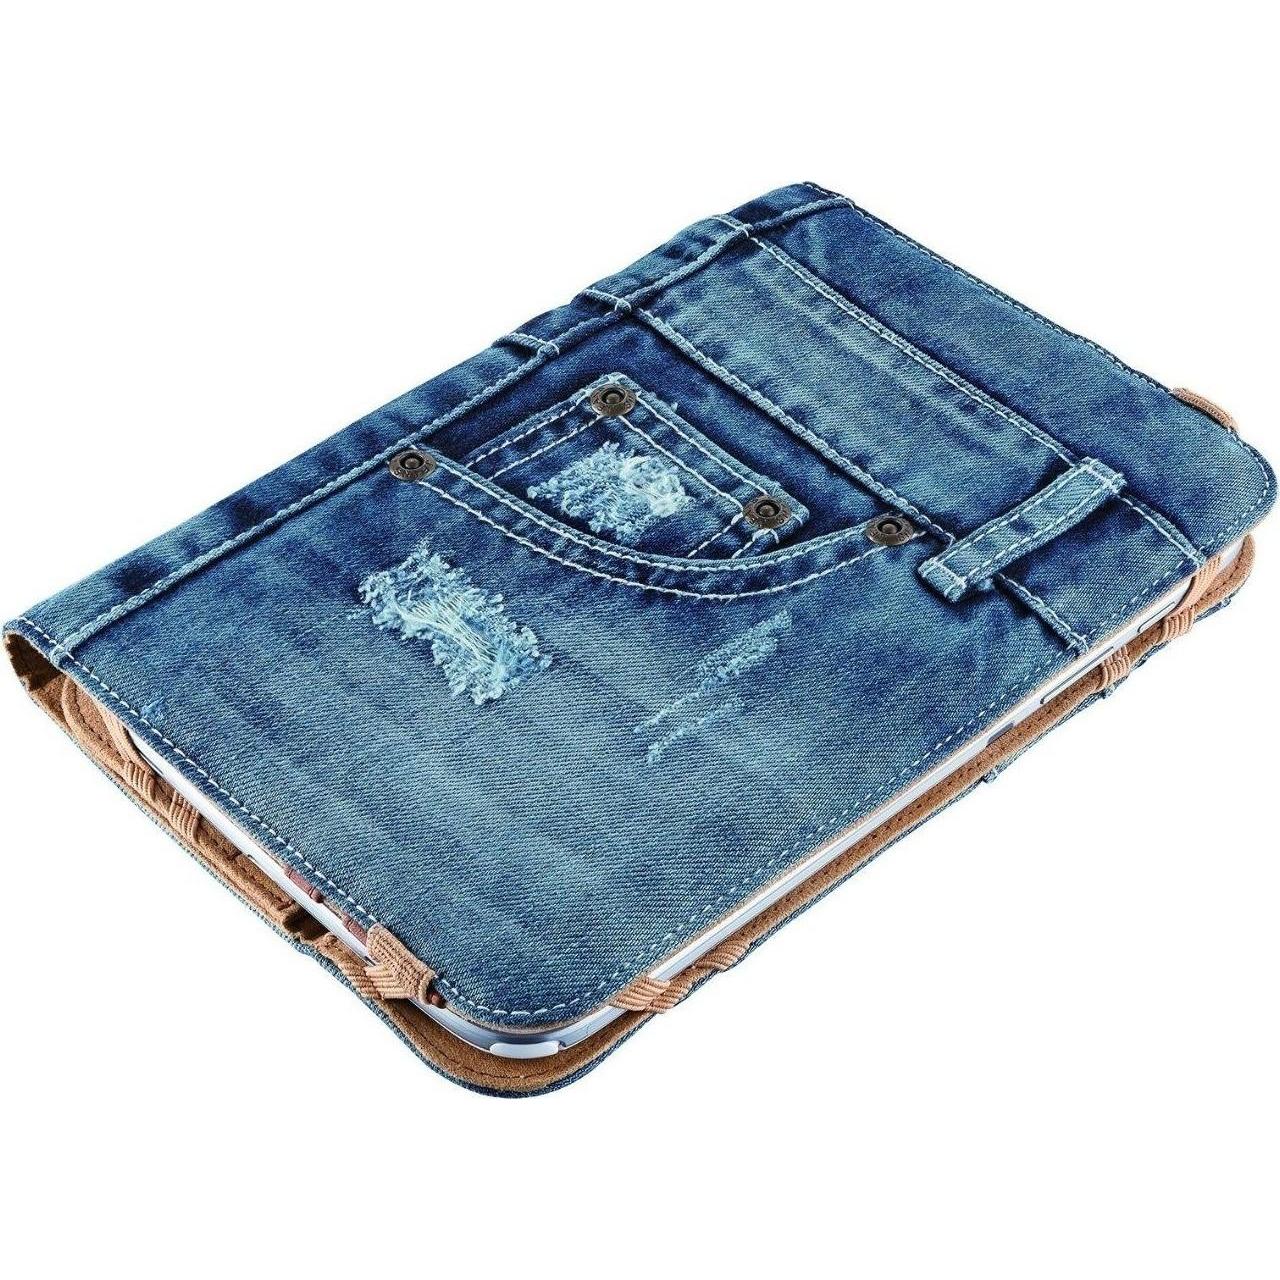 Как сшить чехол для планшета из джинсов